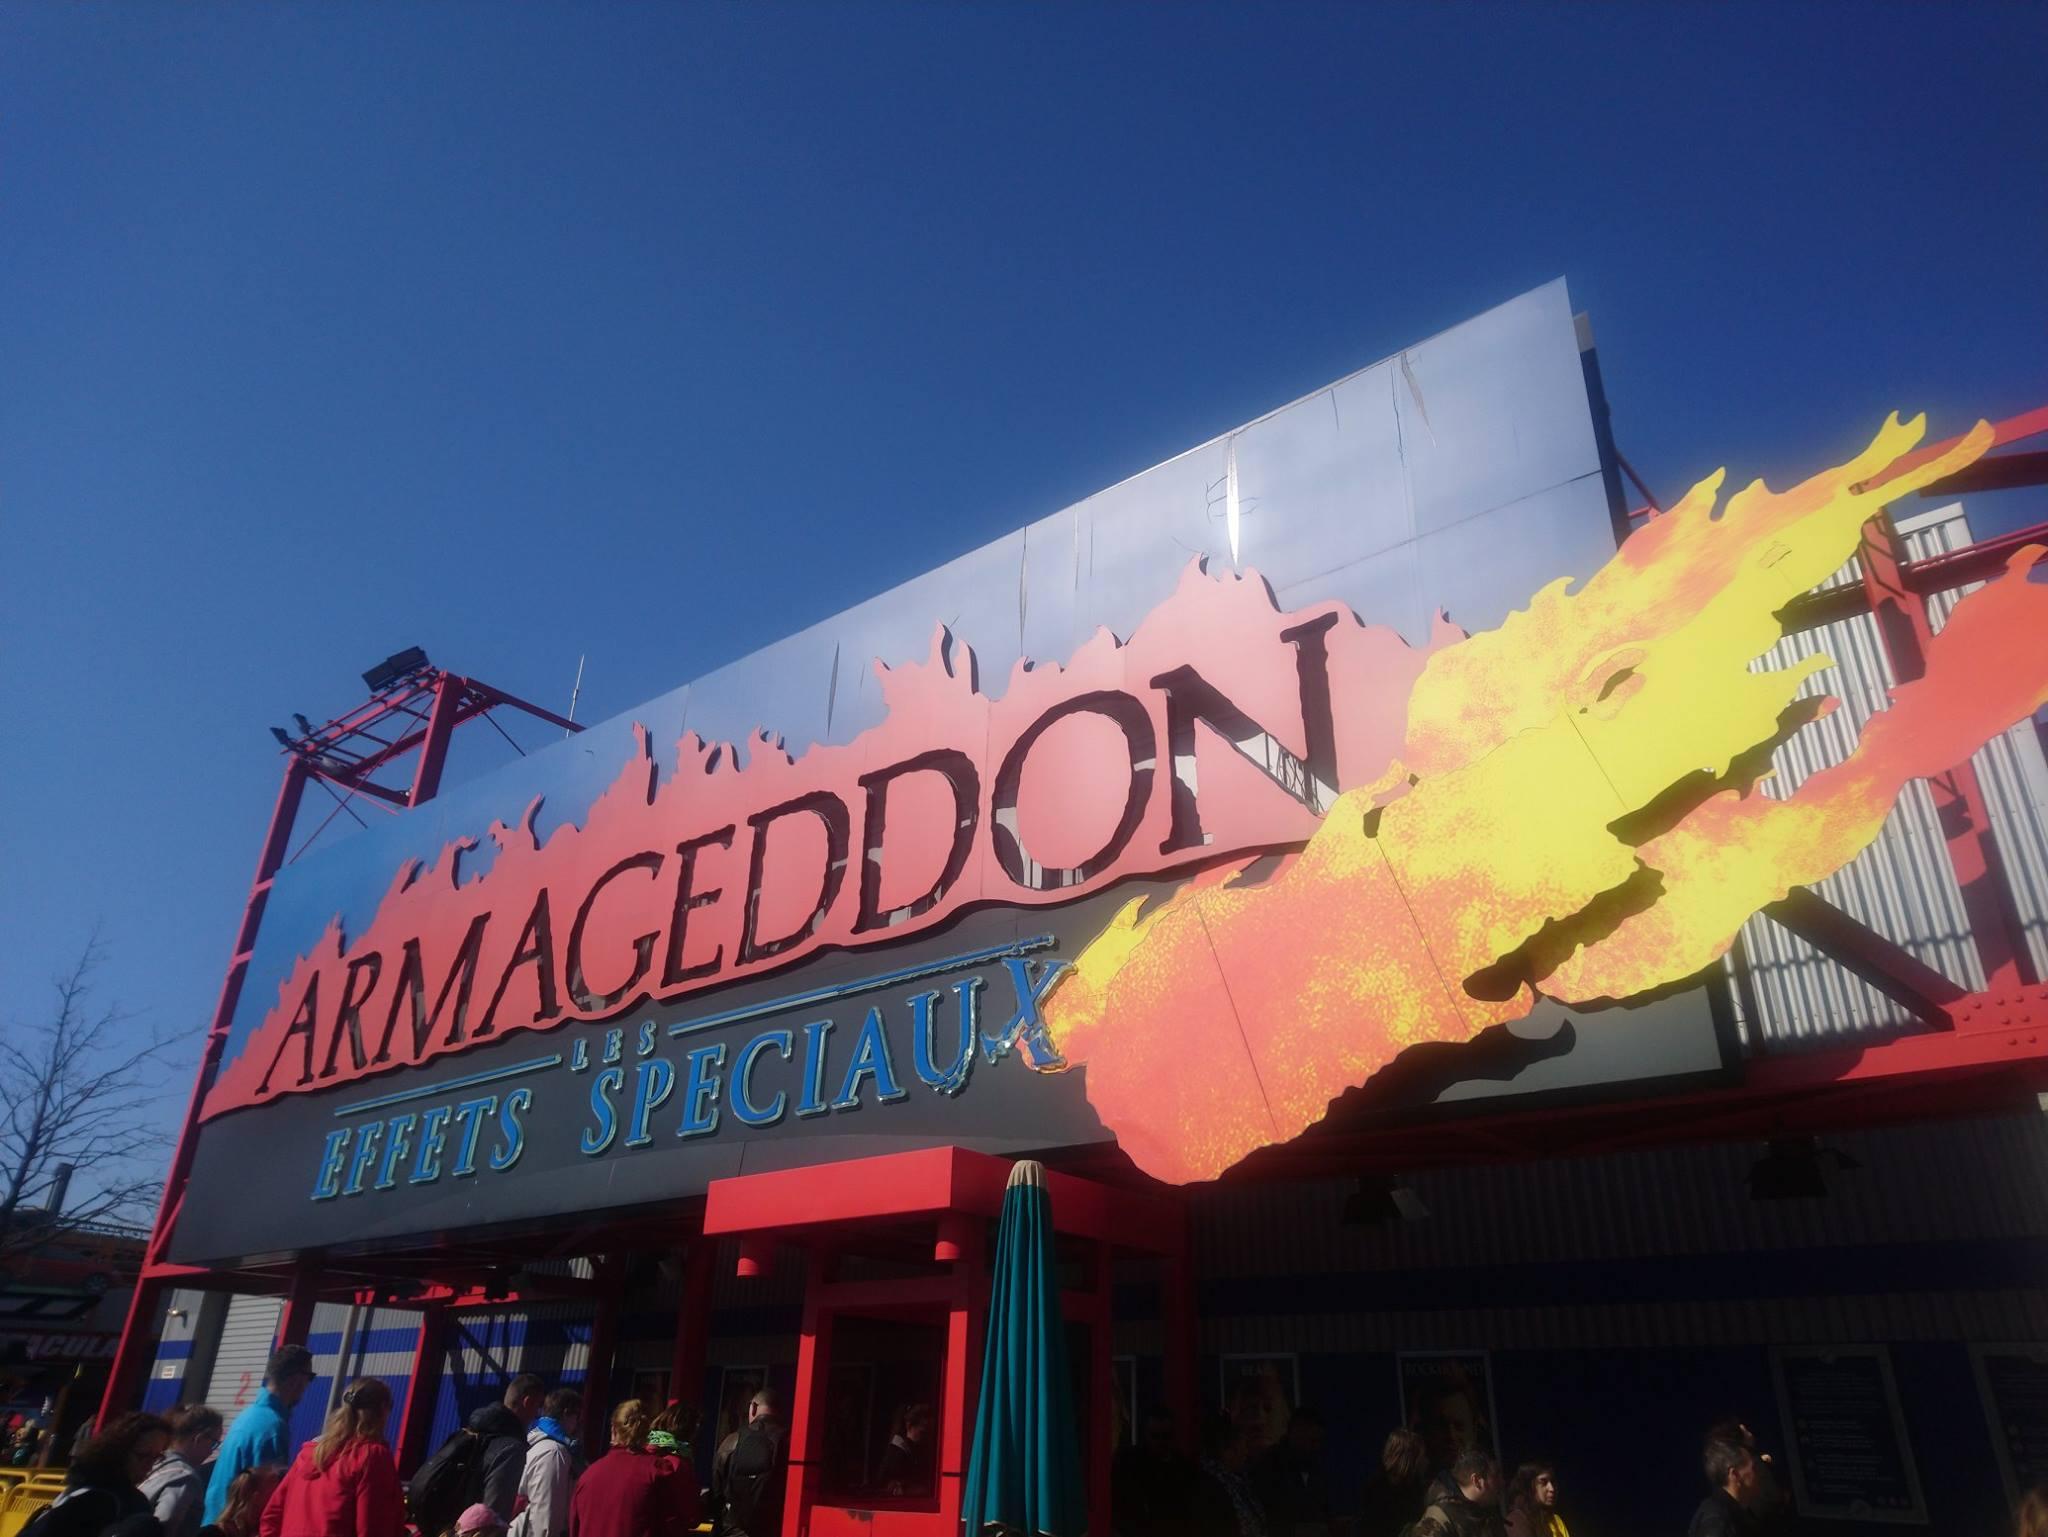 Armageddon: les effets spéciaux - Disneyland Paris